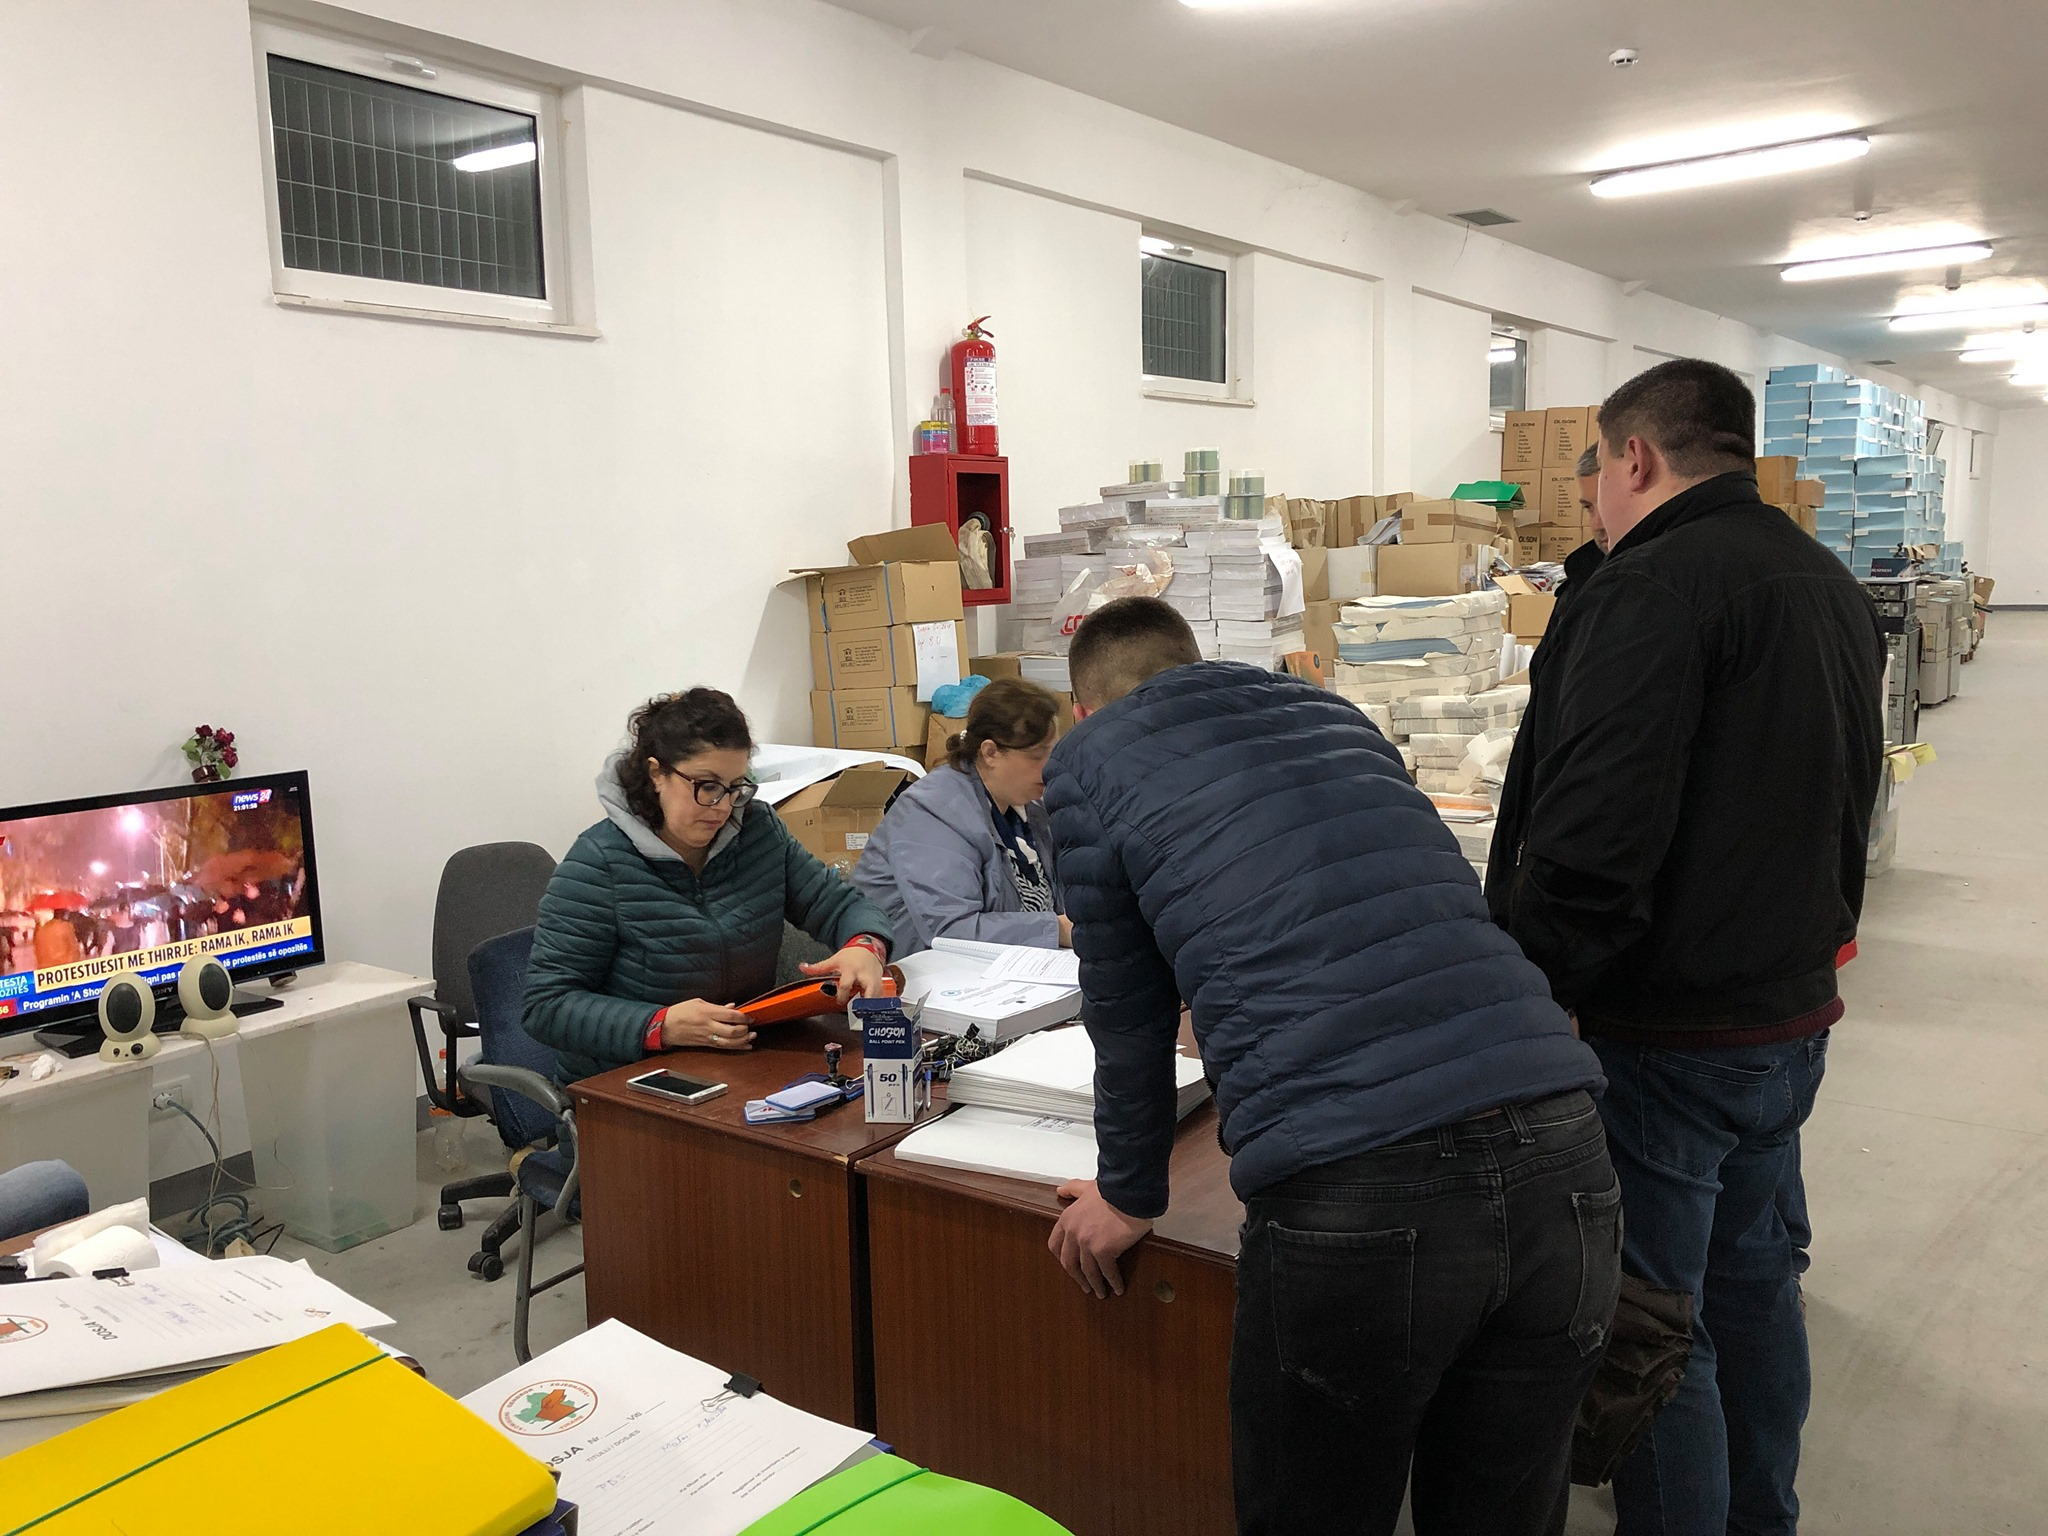 Frika nga protestat dhe afatet, KQZ-ja improvizohet në magazina dhe regjistron kandidatët e zgjedhjeve në Lundër